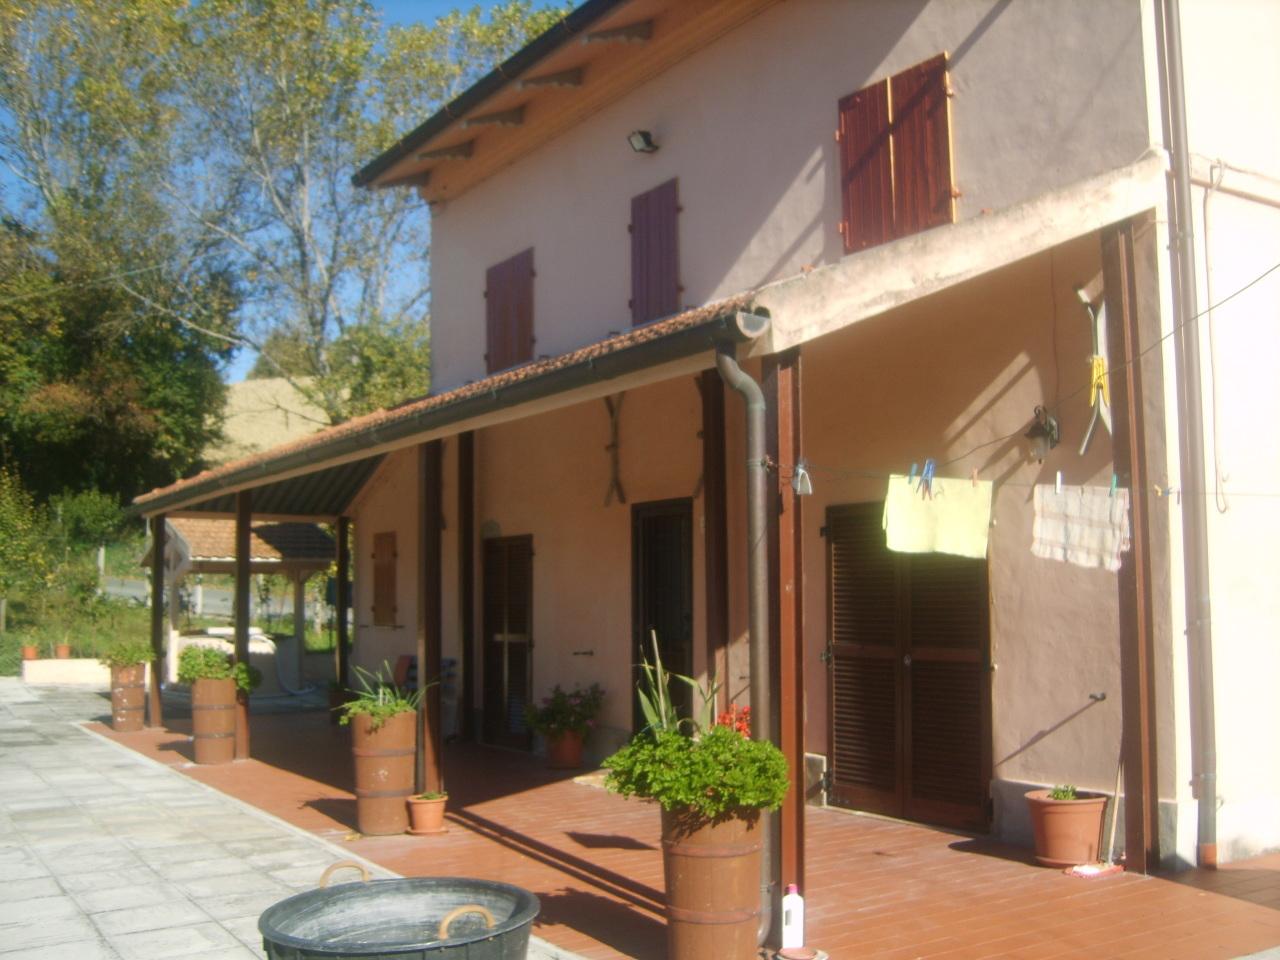 Rustico / Casale in vendita a Senigallia, 9999 locali, prezzo € 180.000 | Cambio Casa.it